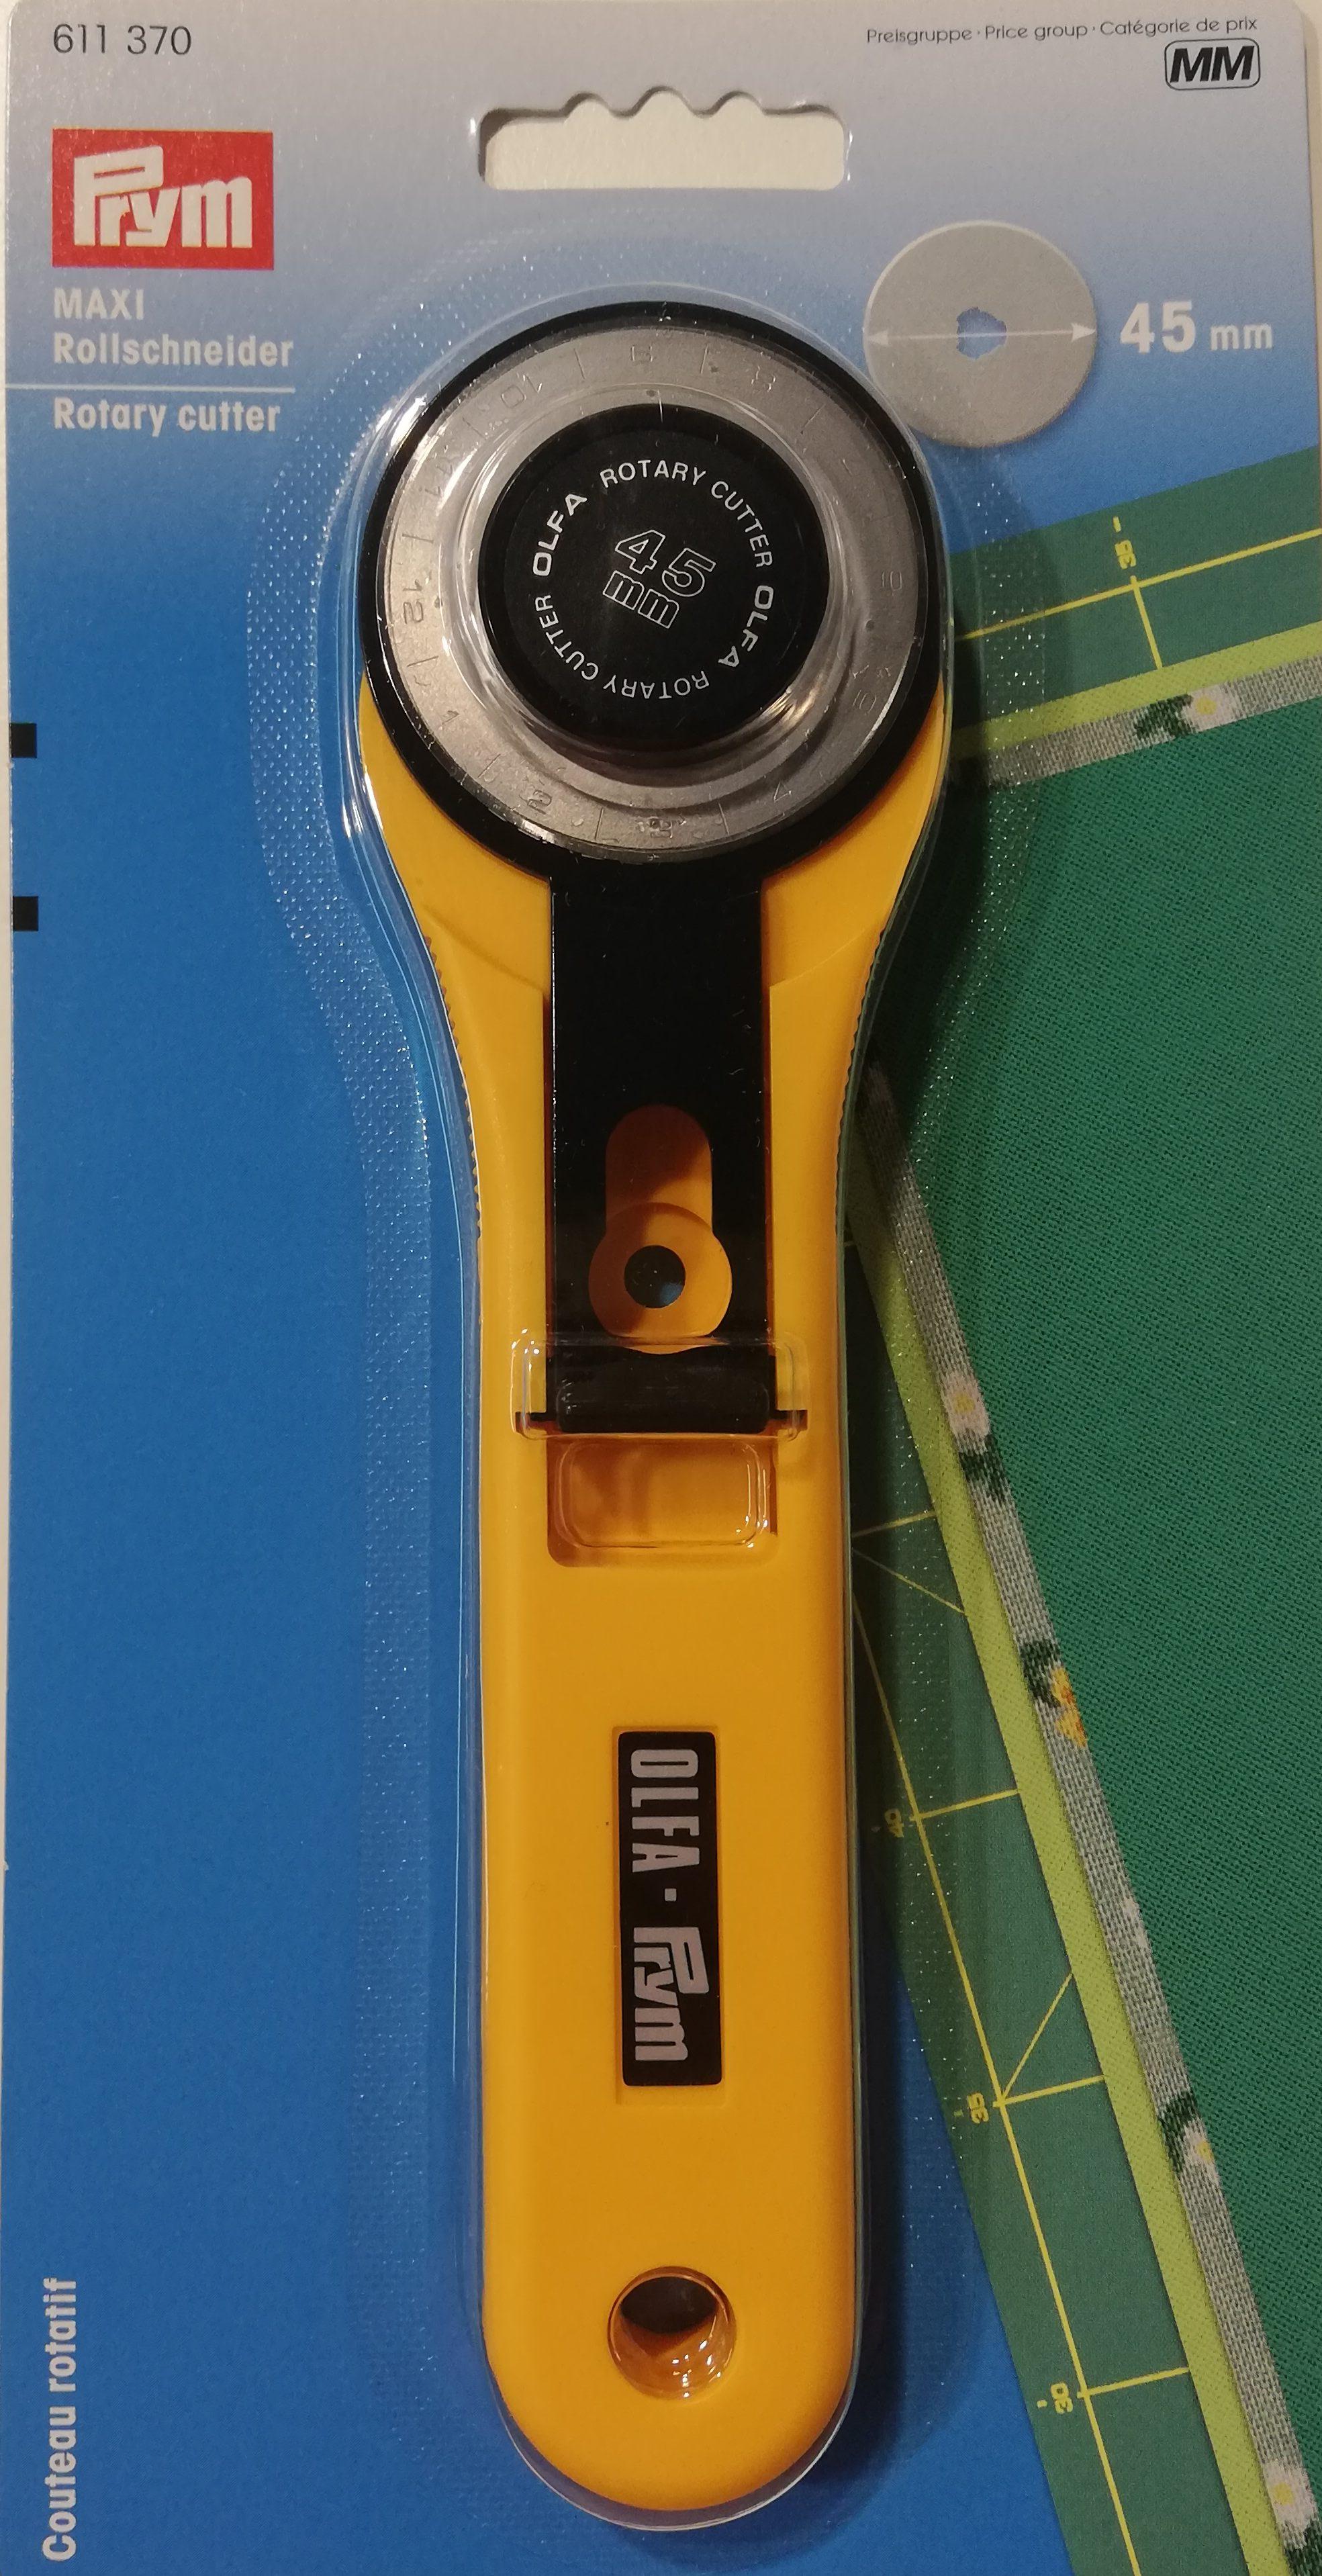 Prym Rolmes maxi 45 mm